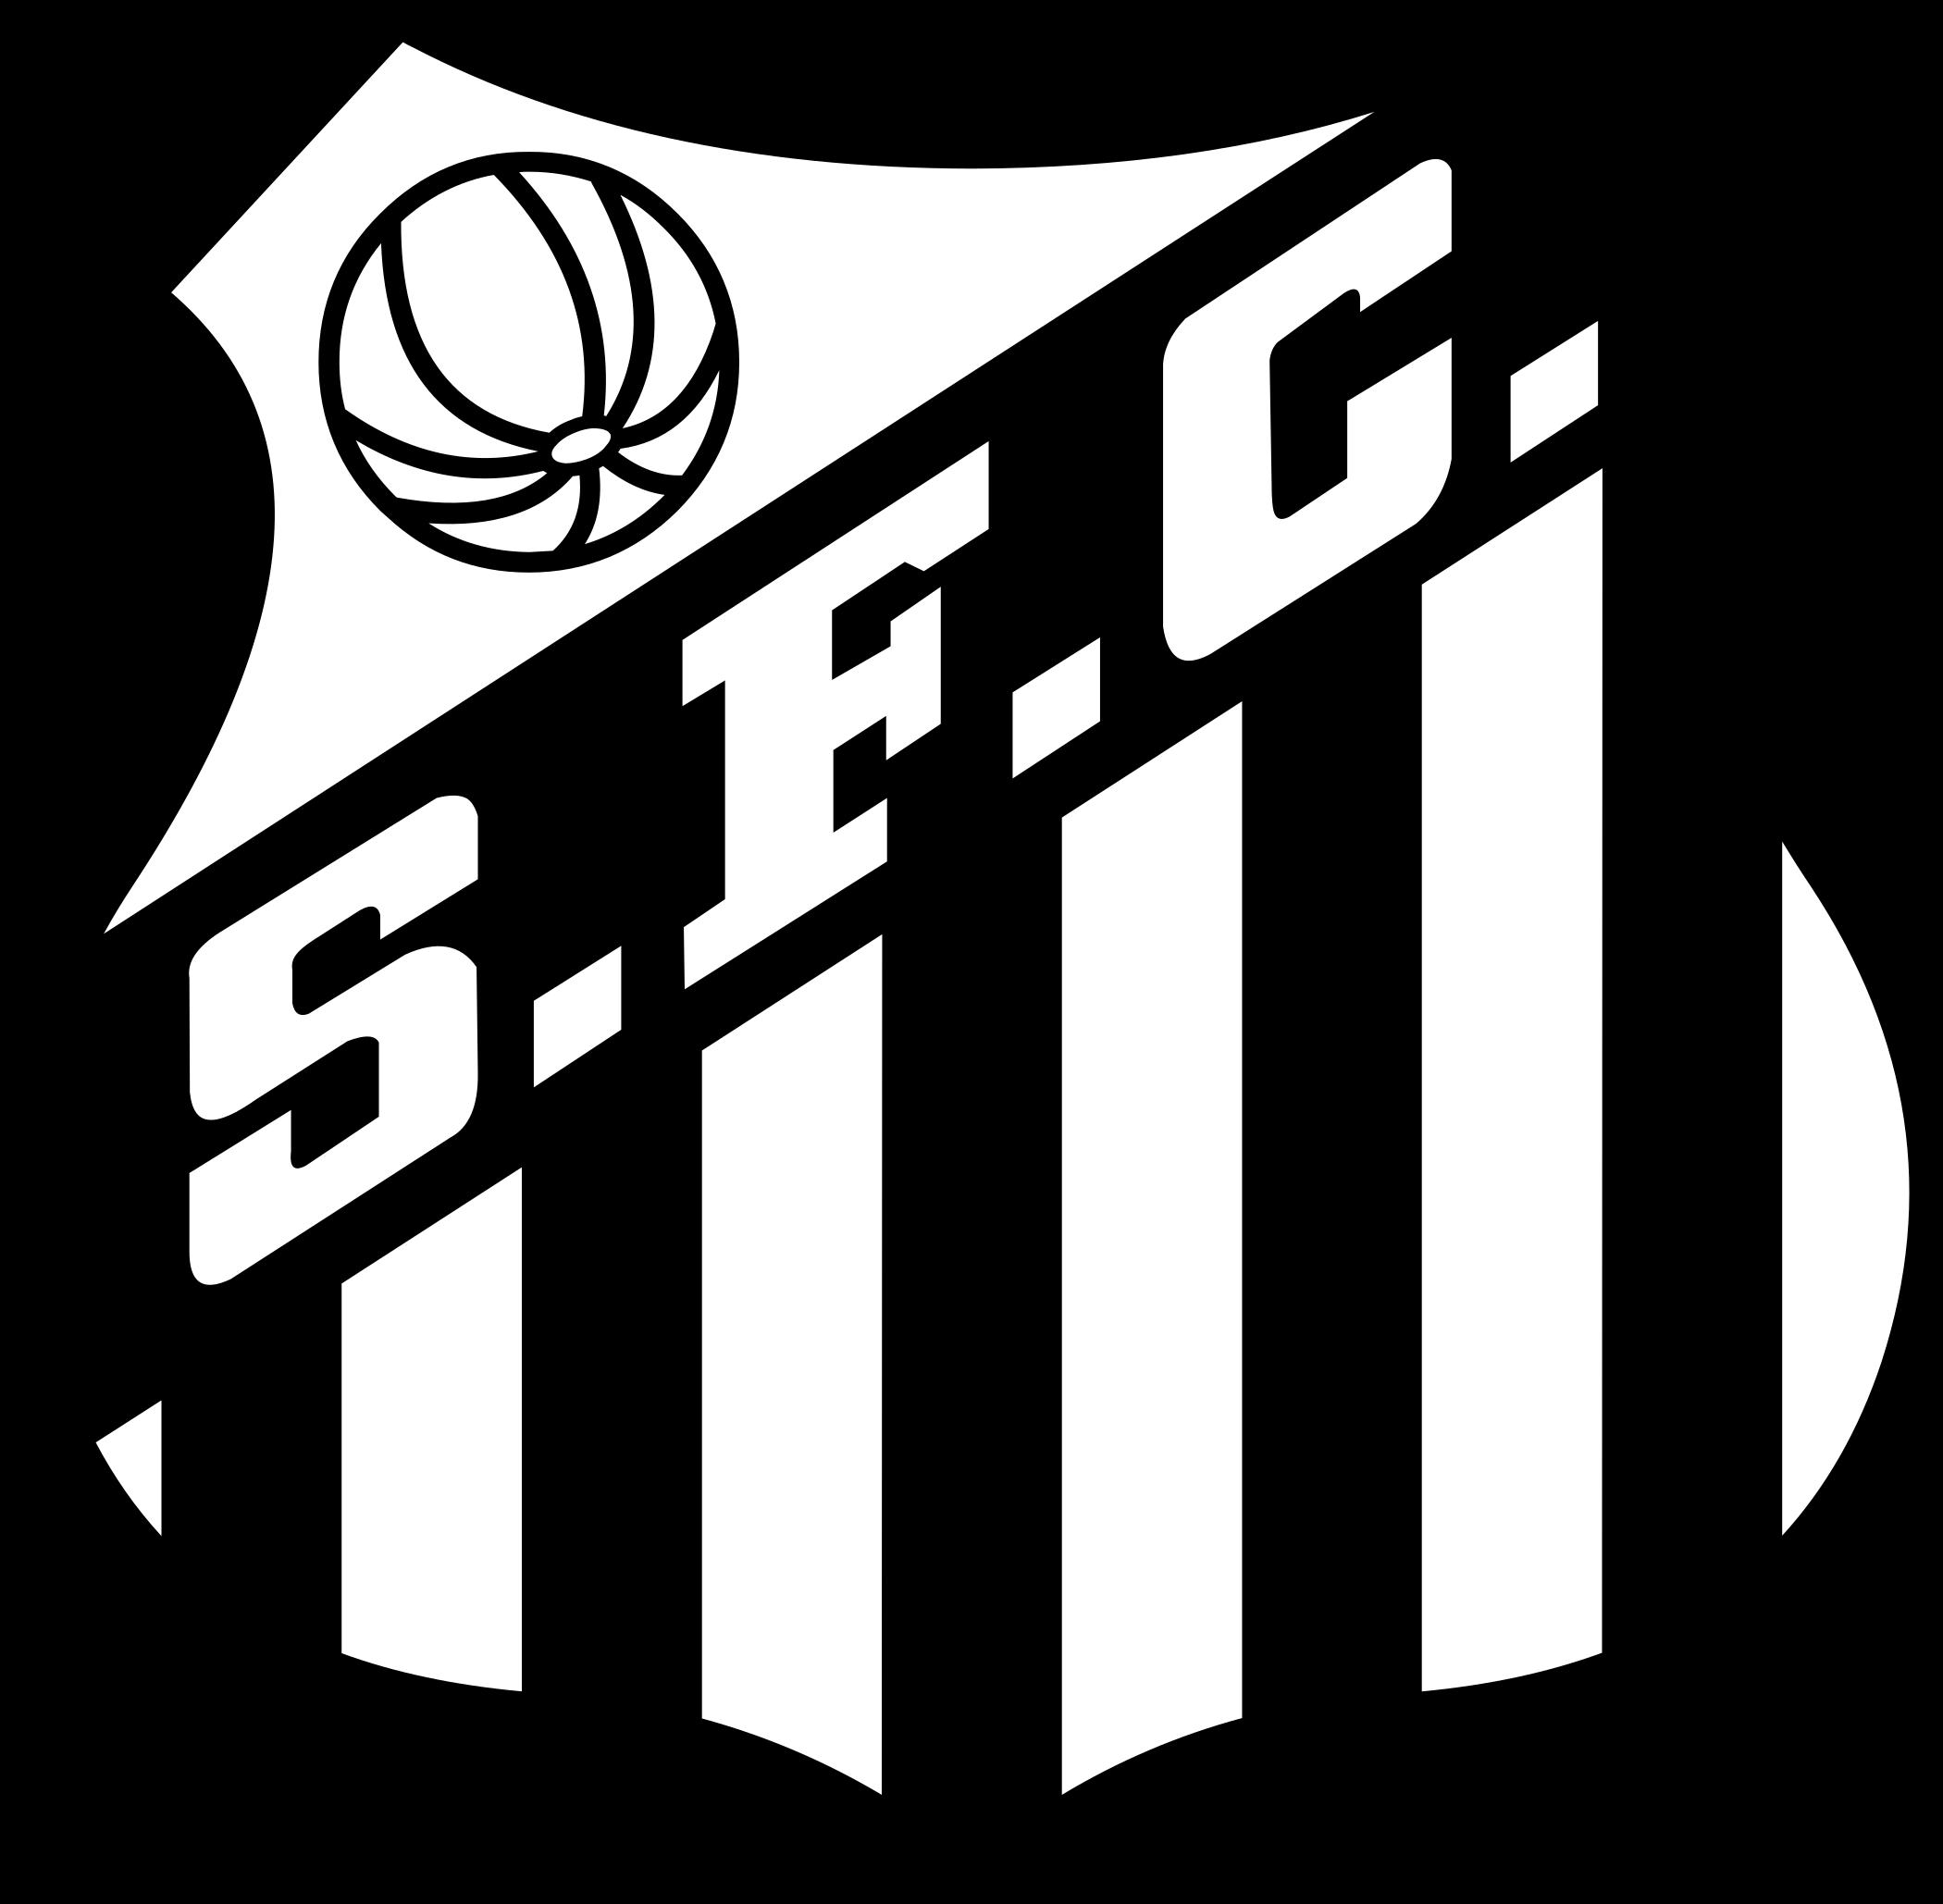 santos logo escudo 3 - Santos FC Logo